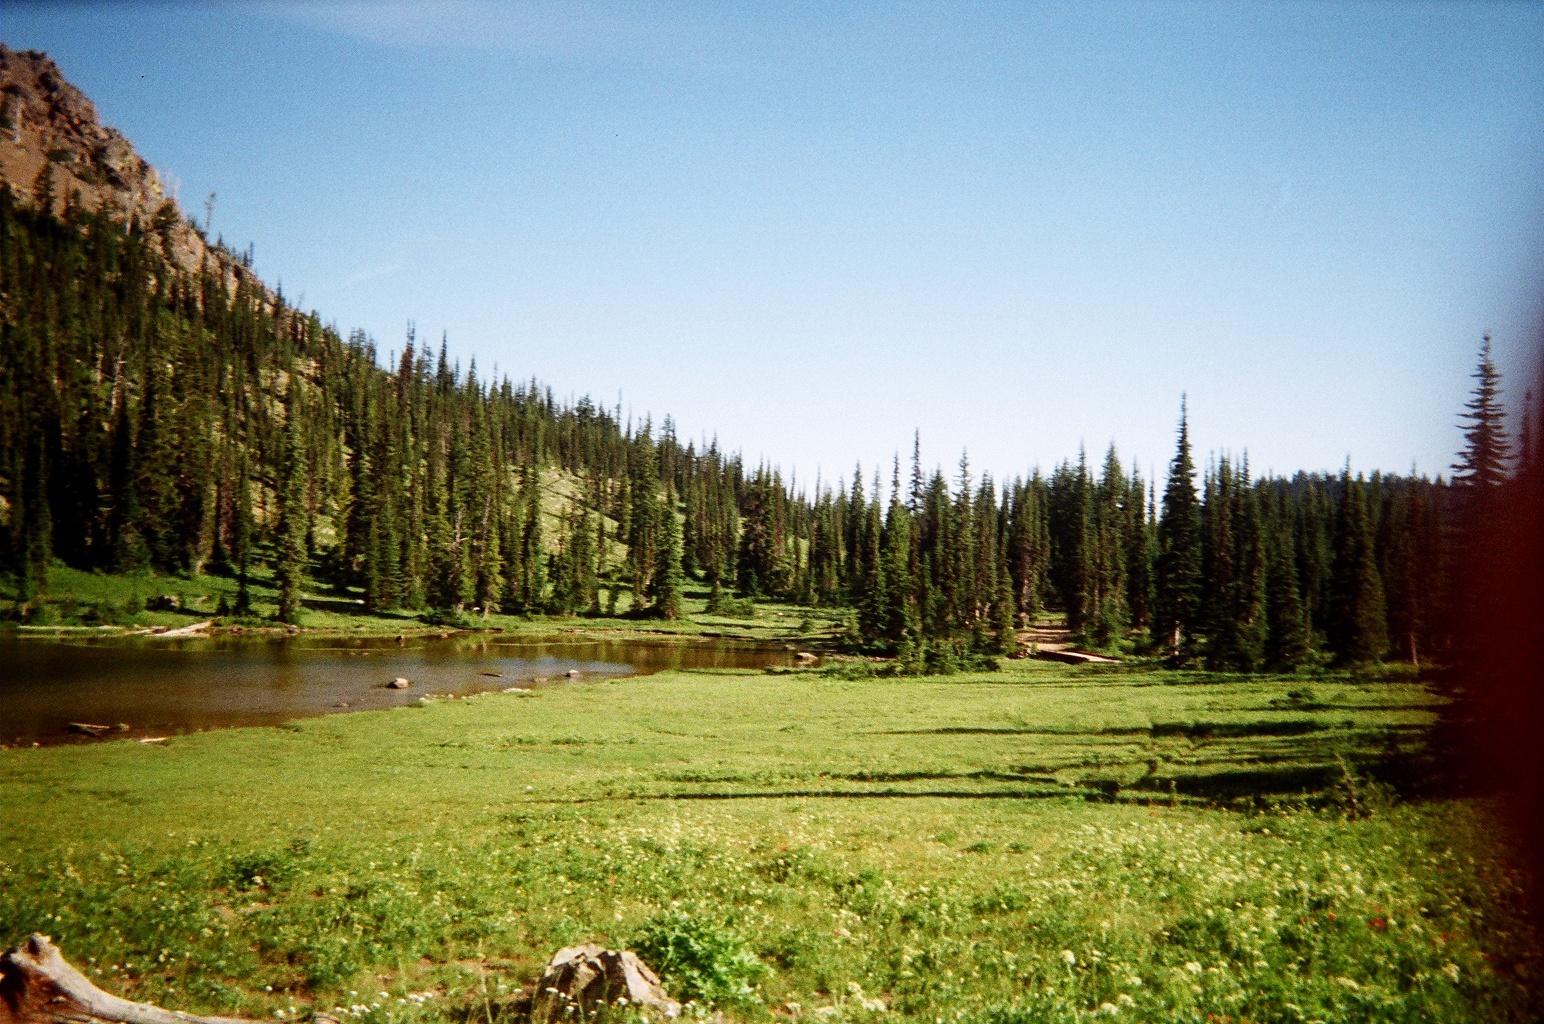 Fortune Creek, Gallagher, Gallagher Head, Lake, Roslyn, WA, Washington